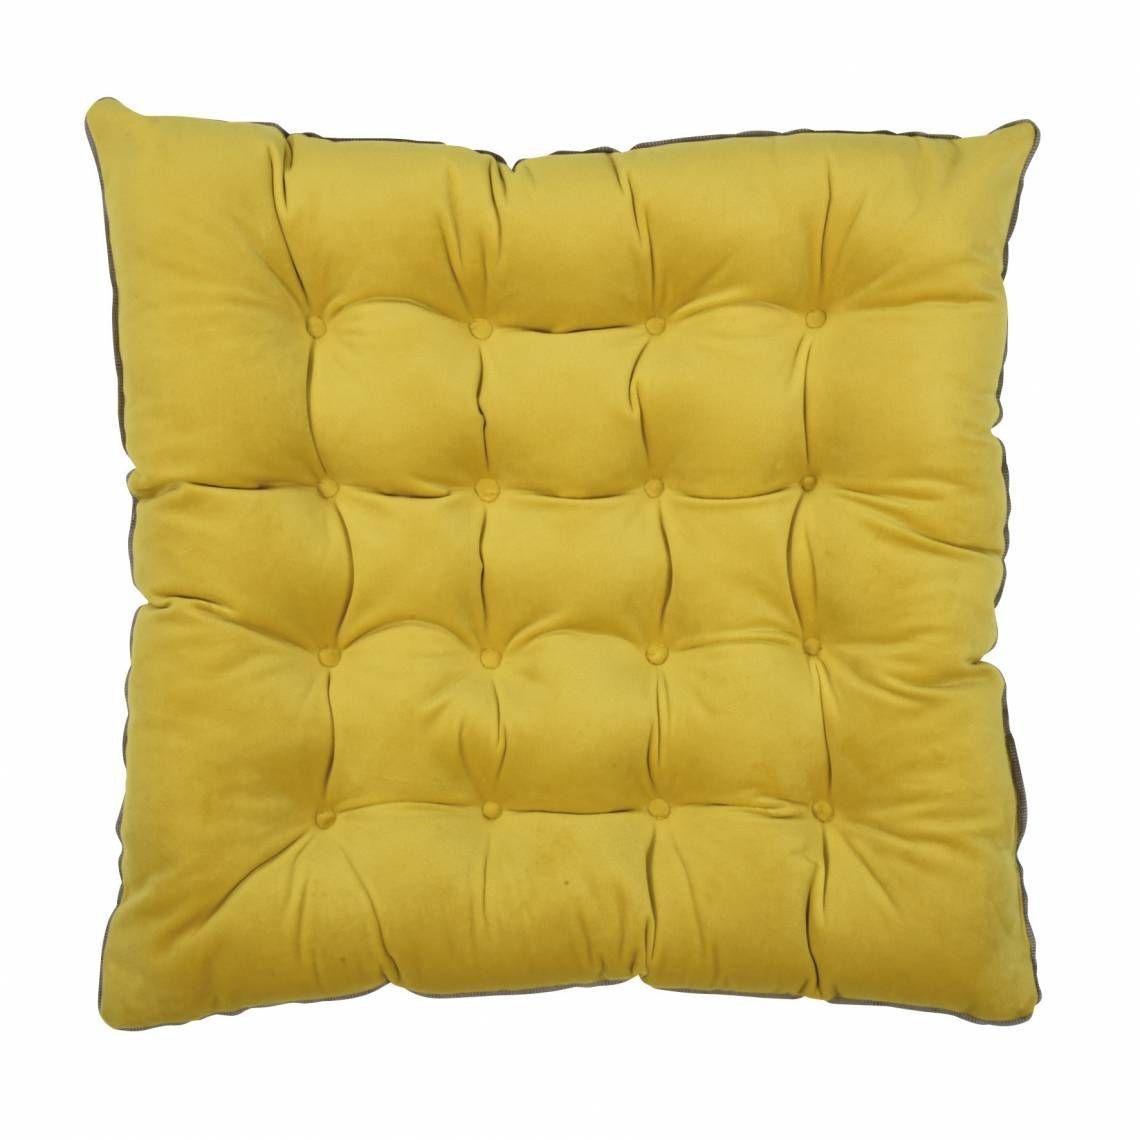 Pad Sitzkissen Elegance Yellow Sitzkissen Mobel Kaufen Kare Design